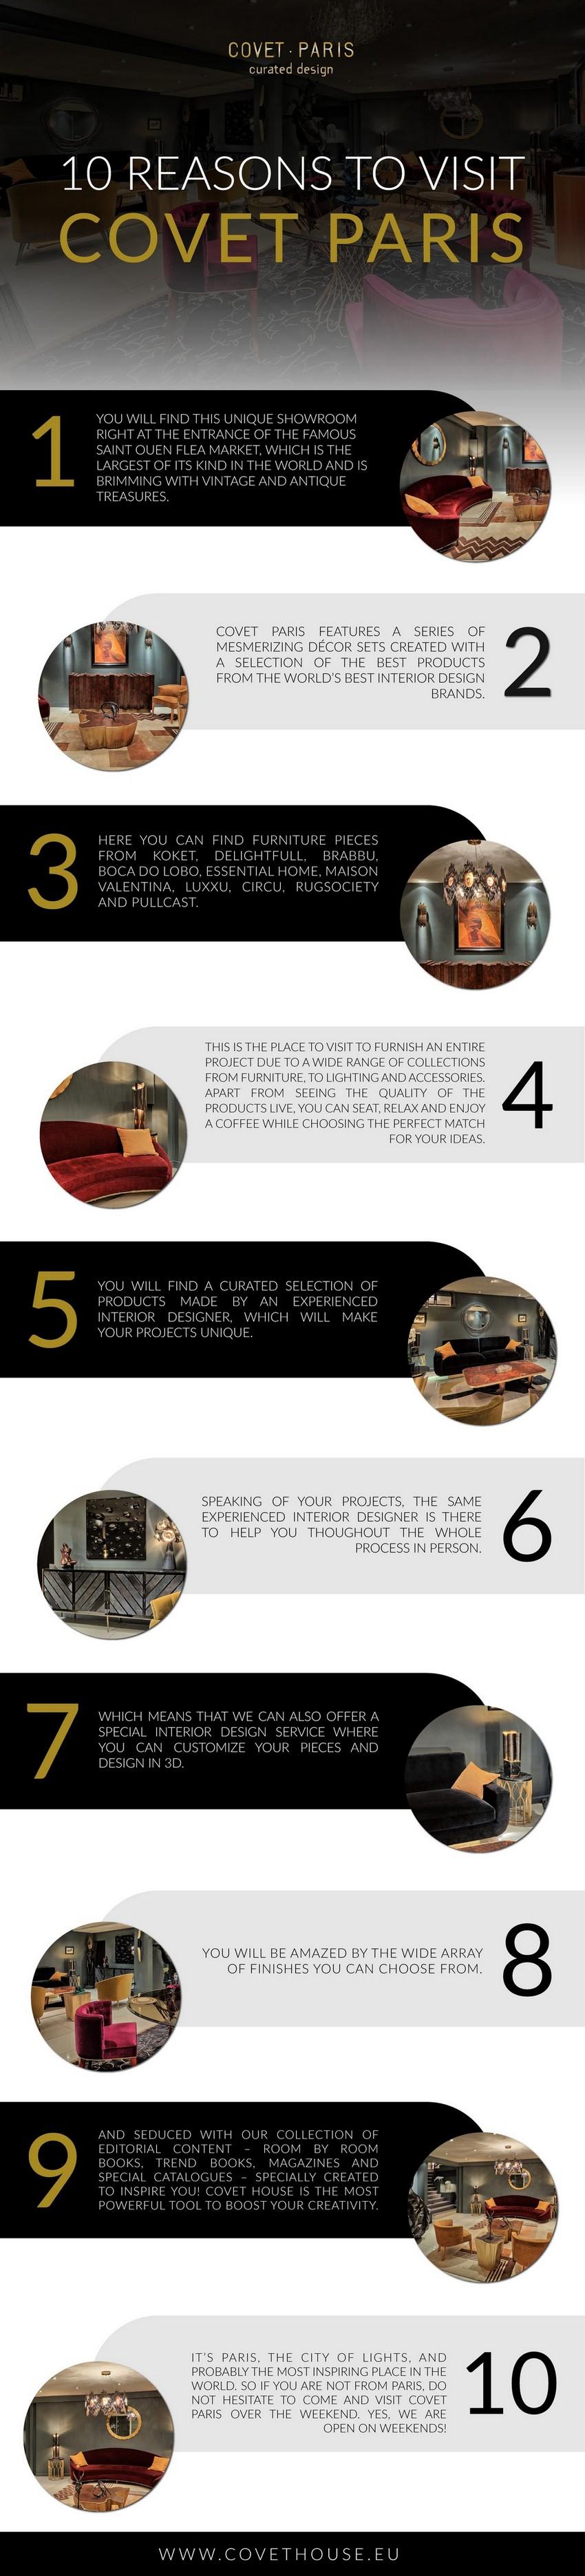 10 причин, по которым вы должны посетить Covet Paris во время Maison et Objet 2018 1 maison et objet 2018 10 причин, почему вы должны посетить Covet Paris во время Maison et Objet 2018 10 причин, почему вы должны посетить Covet Paris во время Maison et Objet 2018 1 maison et objet 10 ПРИЧИН, ПОЧЕМУ ВЫ ДОЛЖНЫ ПОСЕТИТЬ COVET PARIS ВО ВРЕМЯ MAISON ET OBJET 10 Reasons Why You Must Visit Covet Paris During Maison et Objet 2018 1